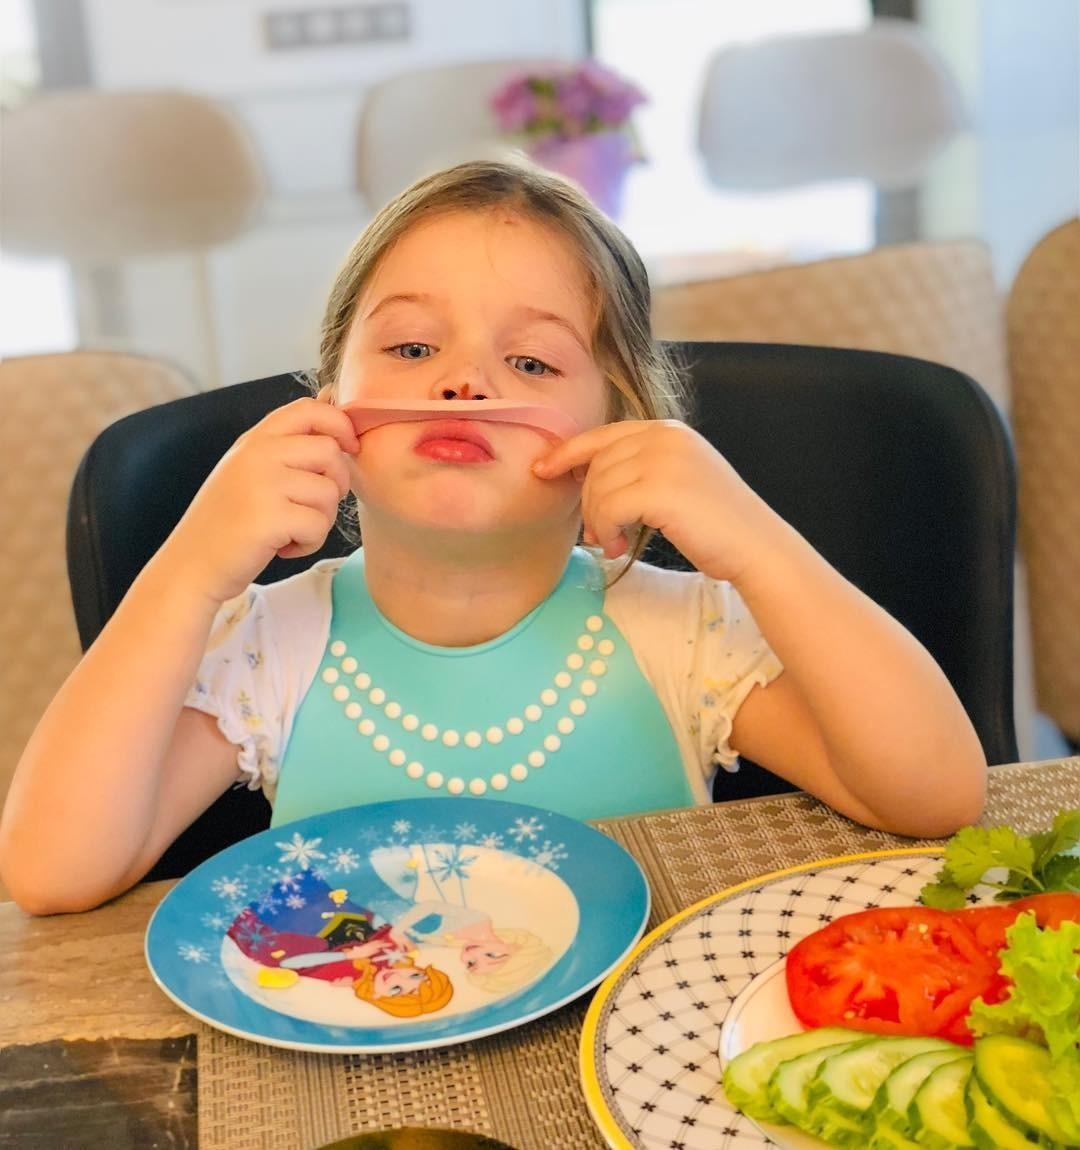 «Зачем хвастаться едой?»: супруг Ксении Бородиной кормит 2-летнюю дочь дорогим деликатесом